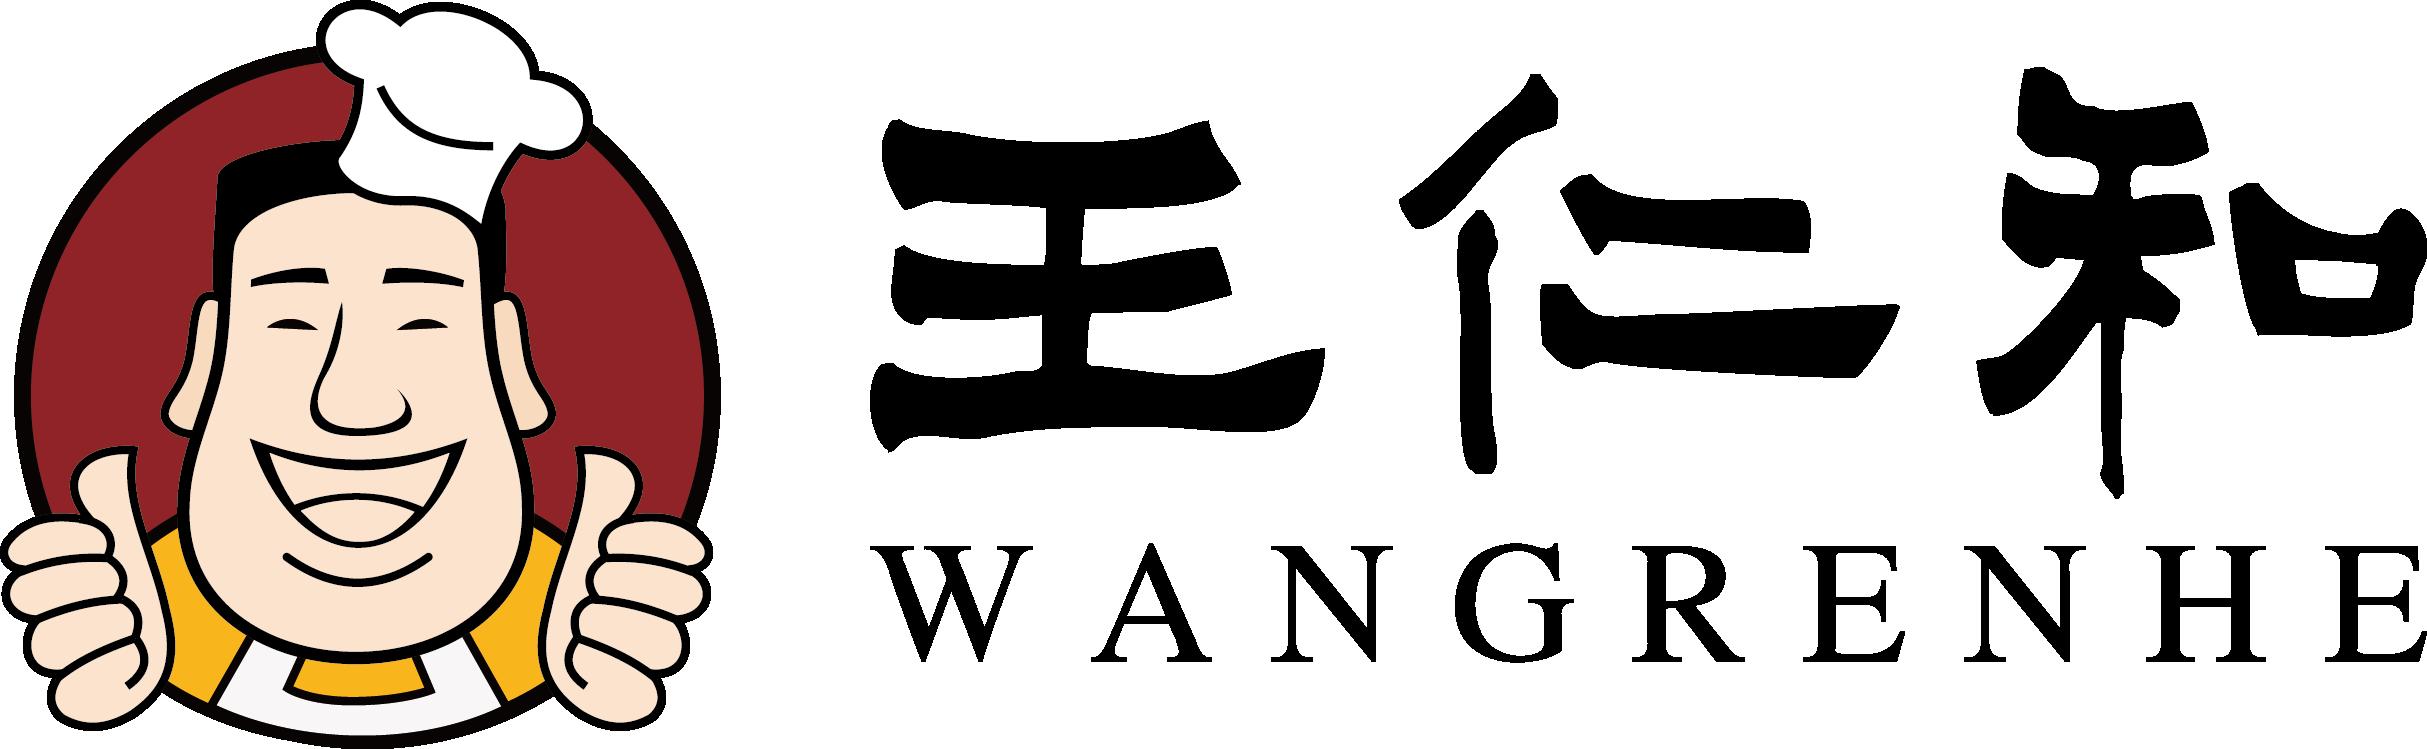 王仁和米线云南分公司